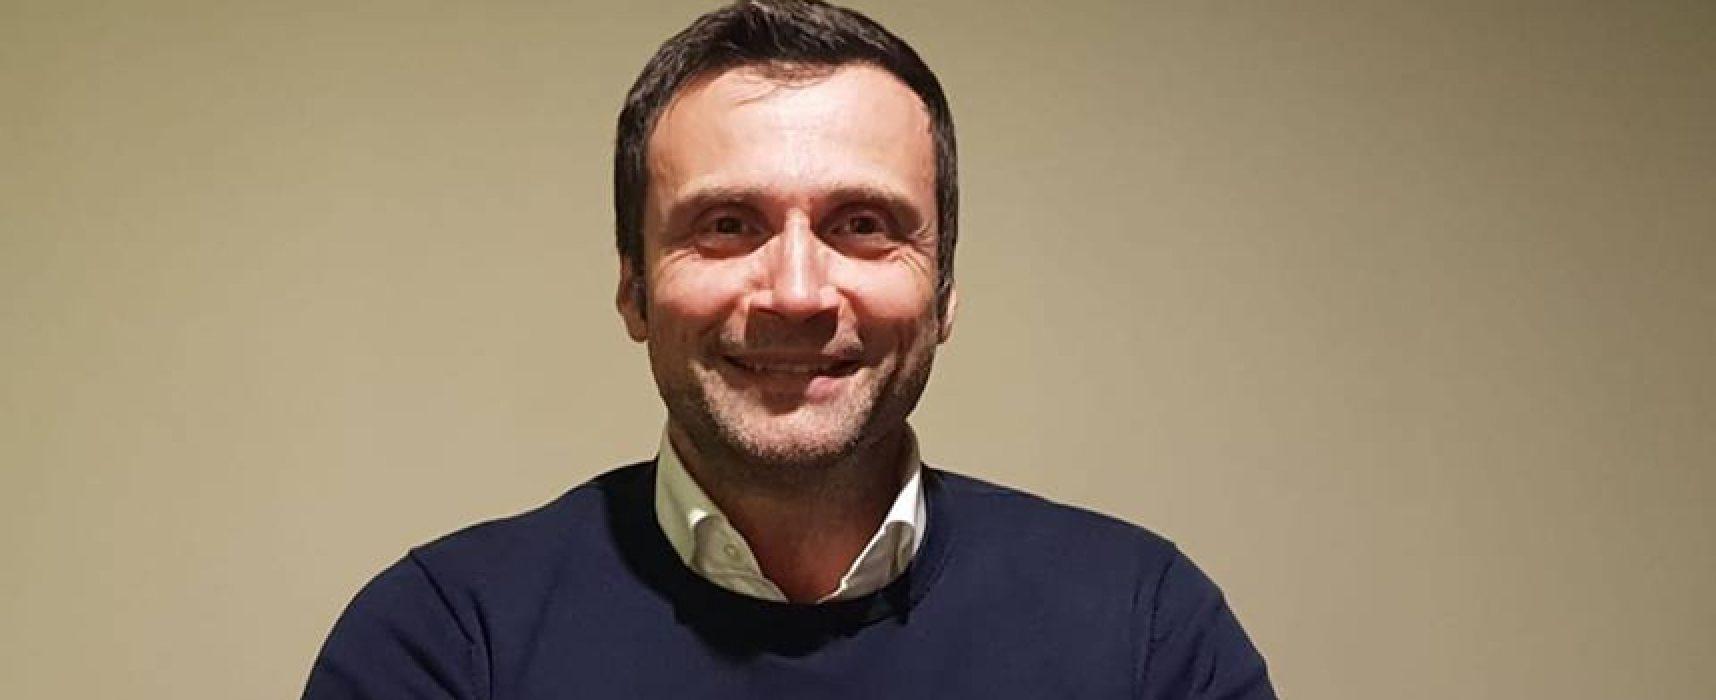 Europarlamentarie M5s, si candida anche il biscegliese Giuseppe Mastrototaro